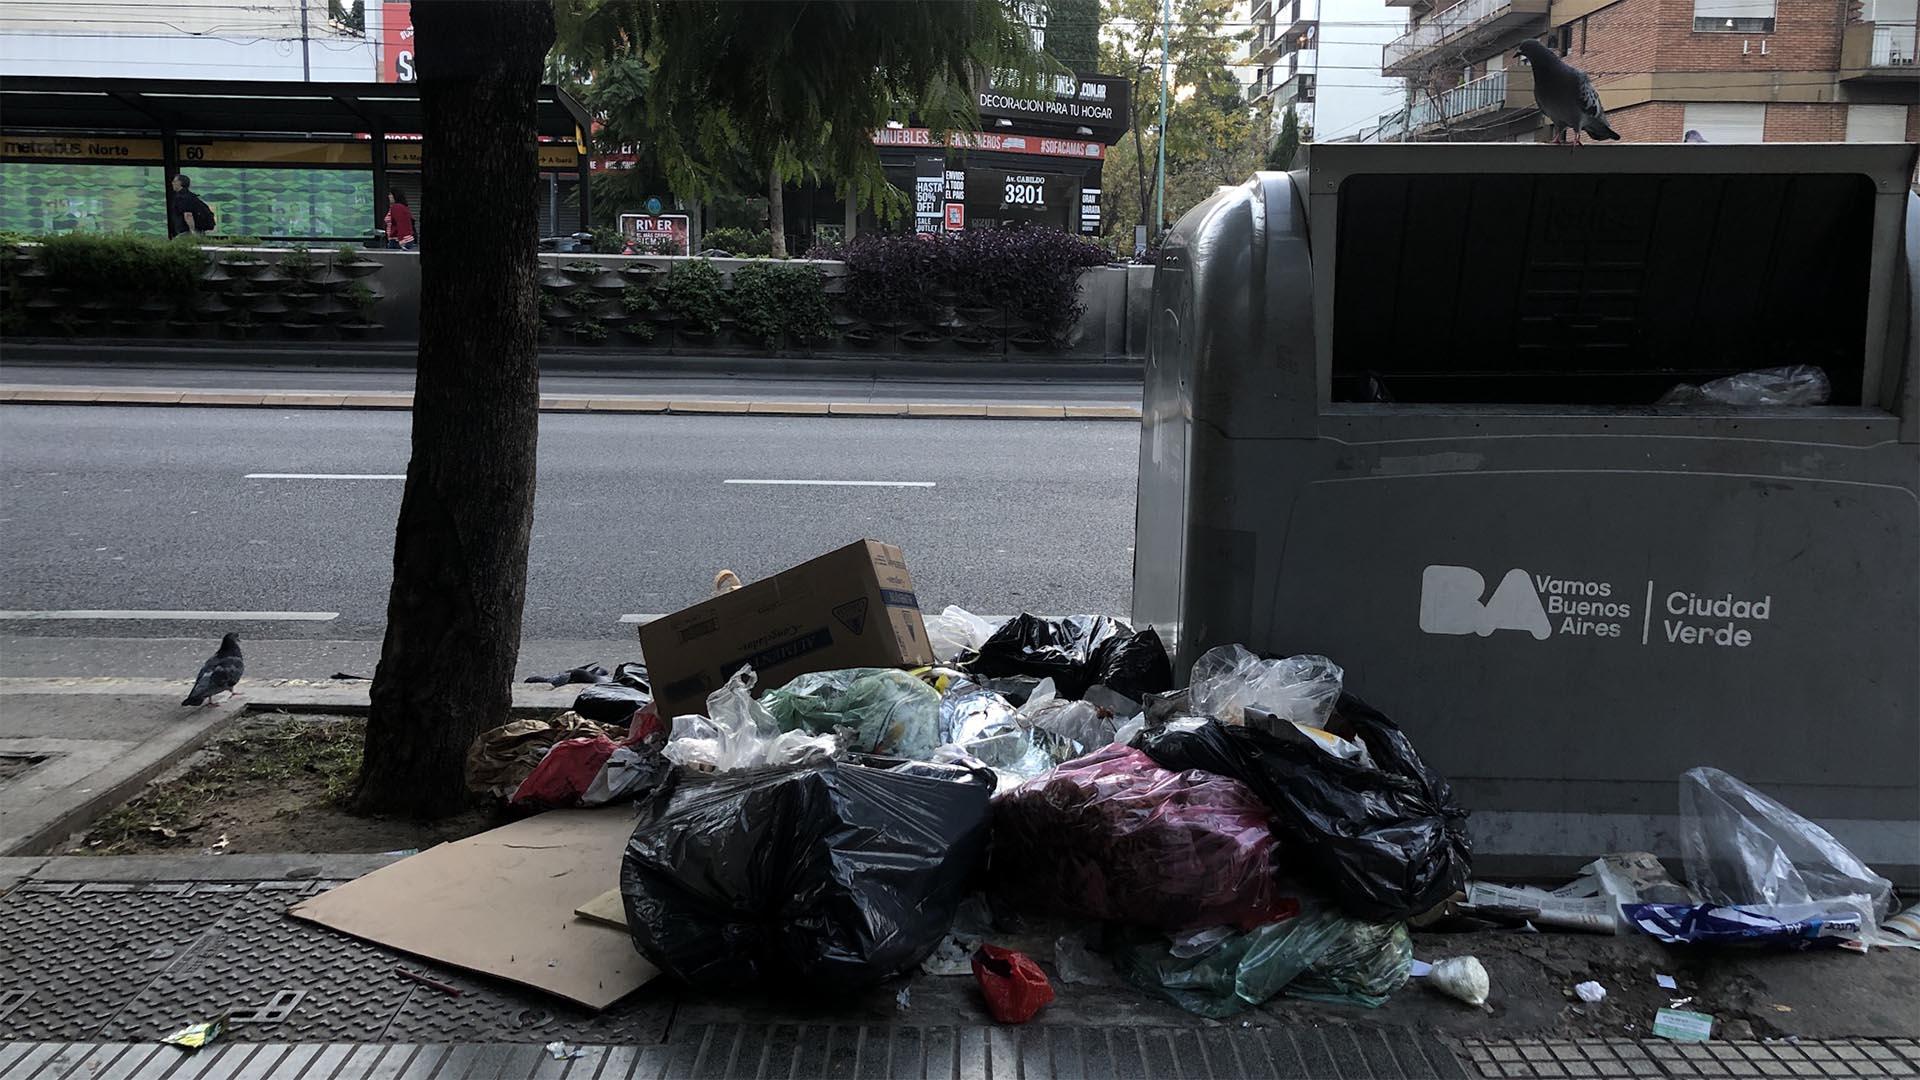 En varias esquinas, la suciedad se agravó porque personas de escasos ingresos y en situación de calle revolvieron las bolsas para encontrar comida.